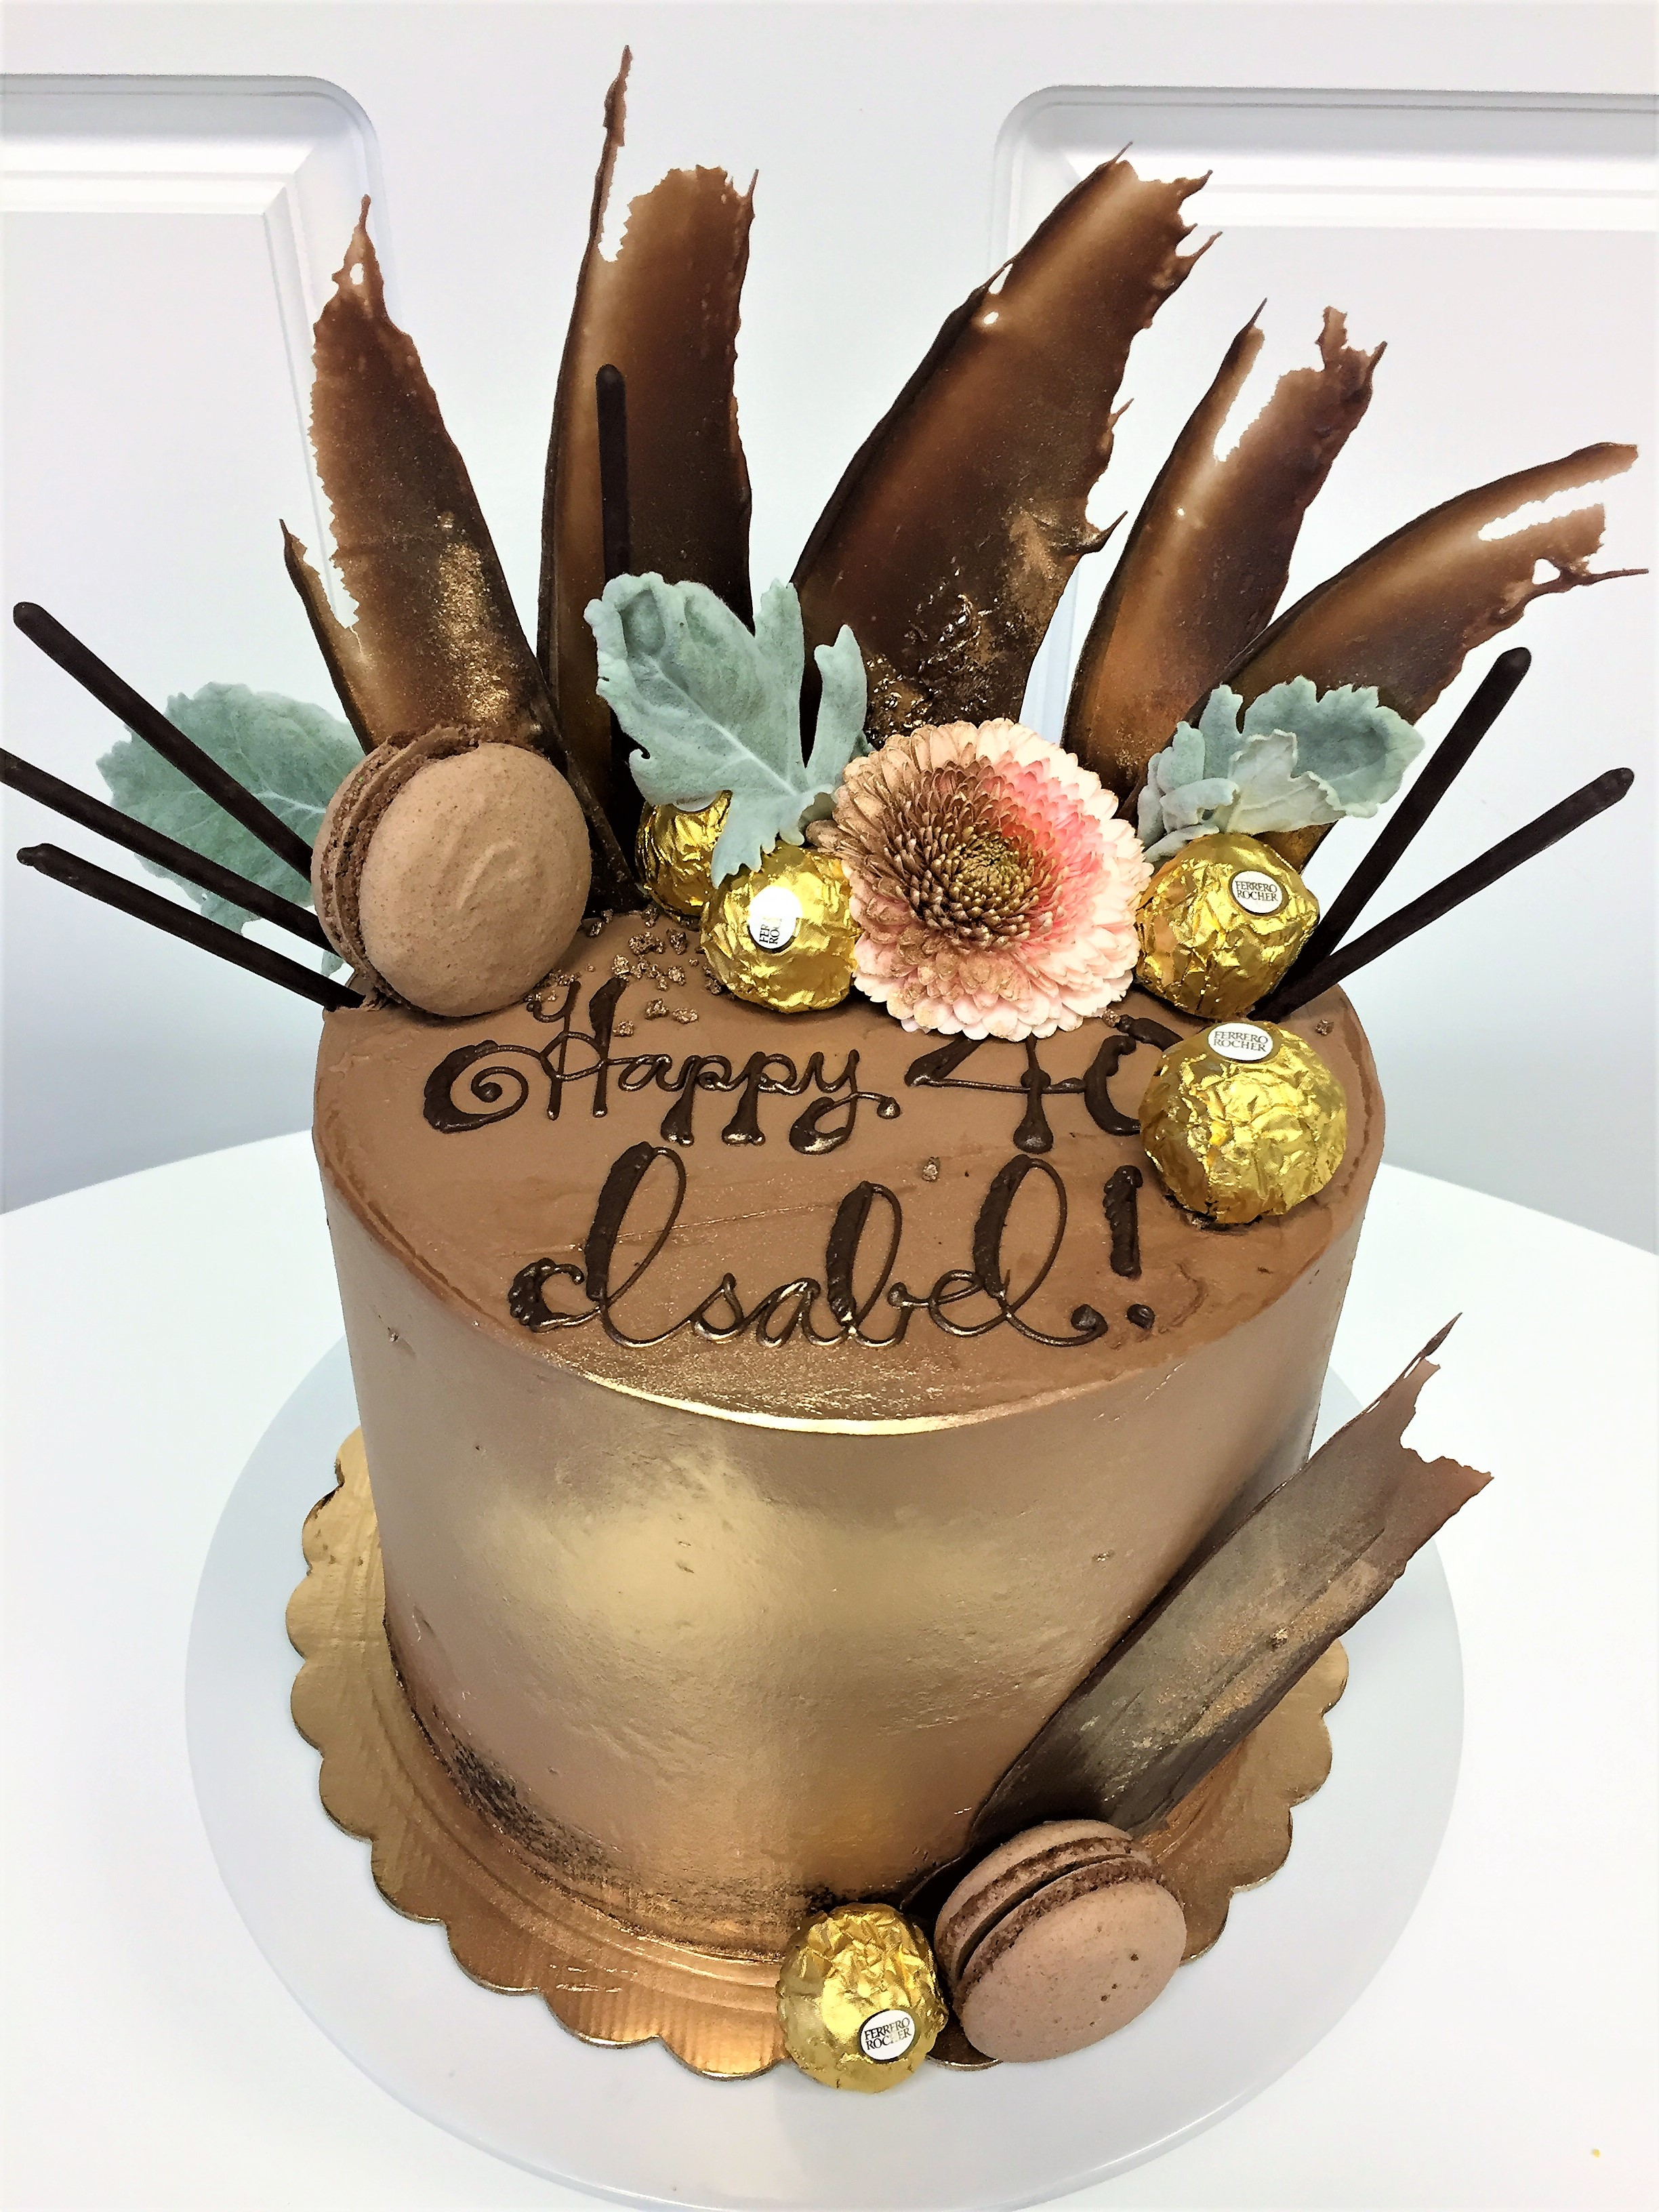 8'' gianduja cake